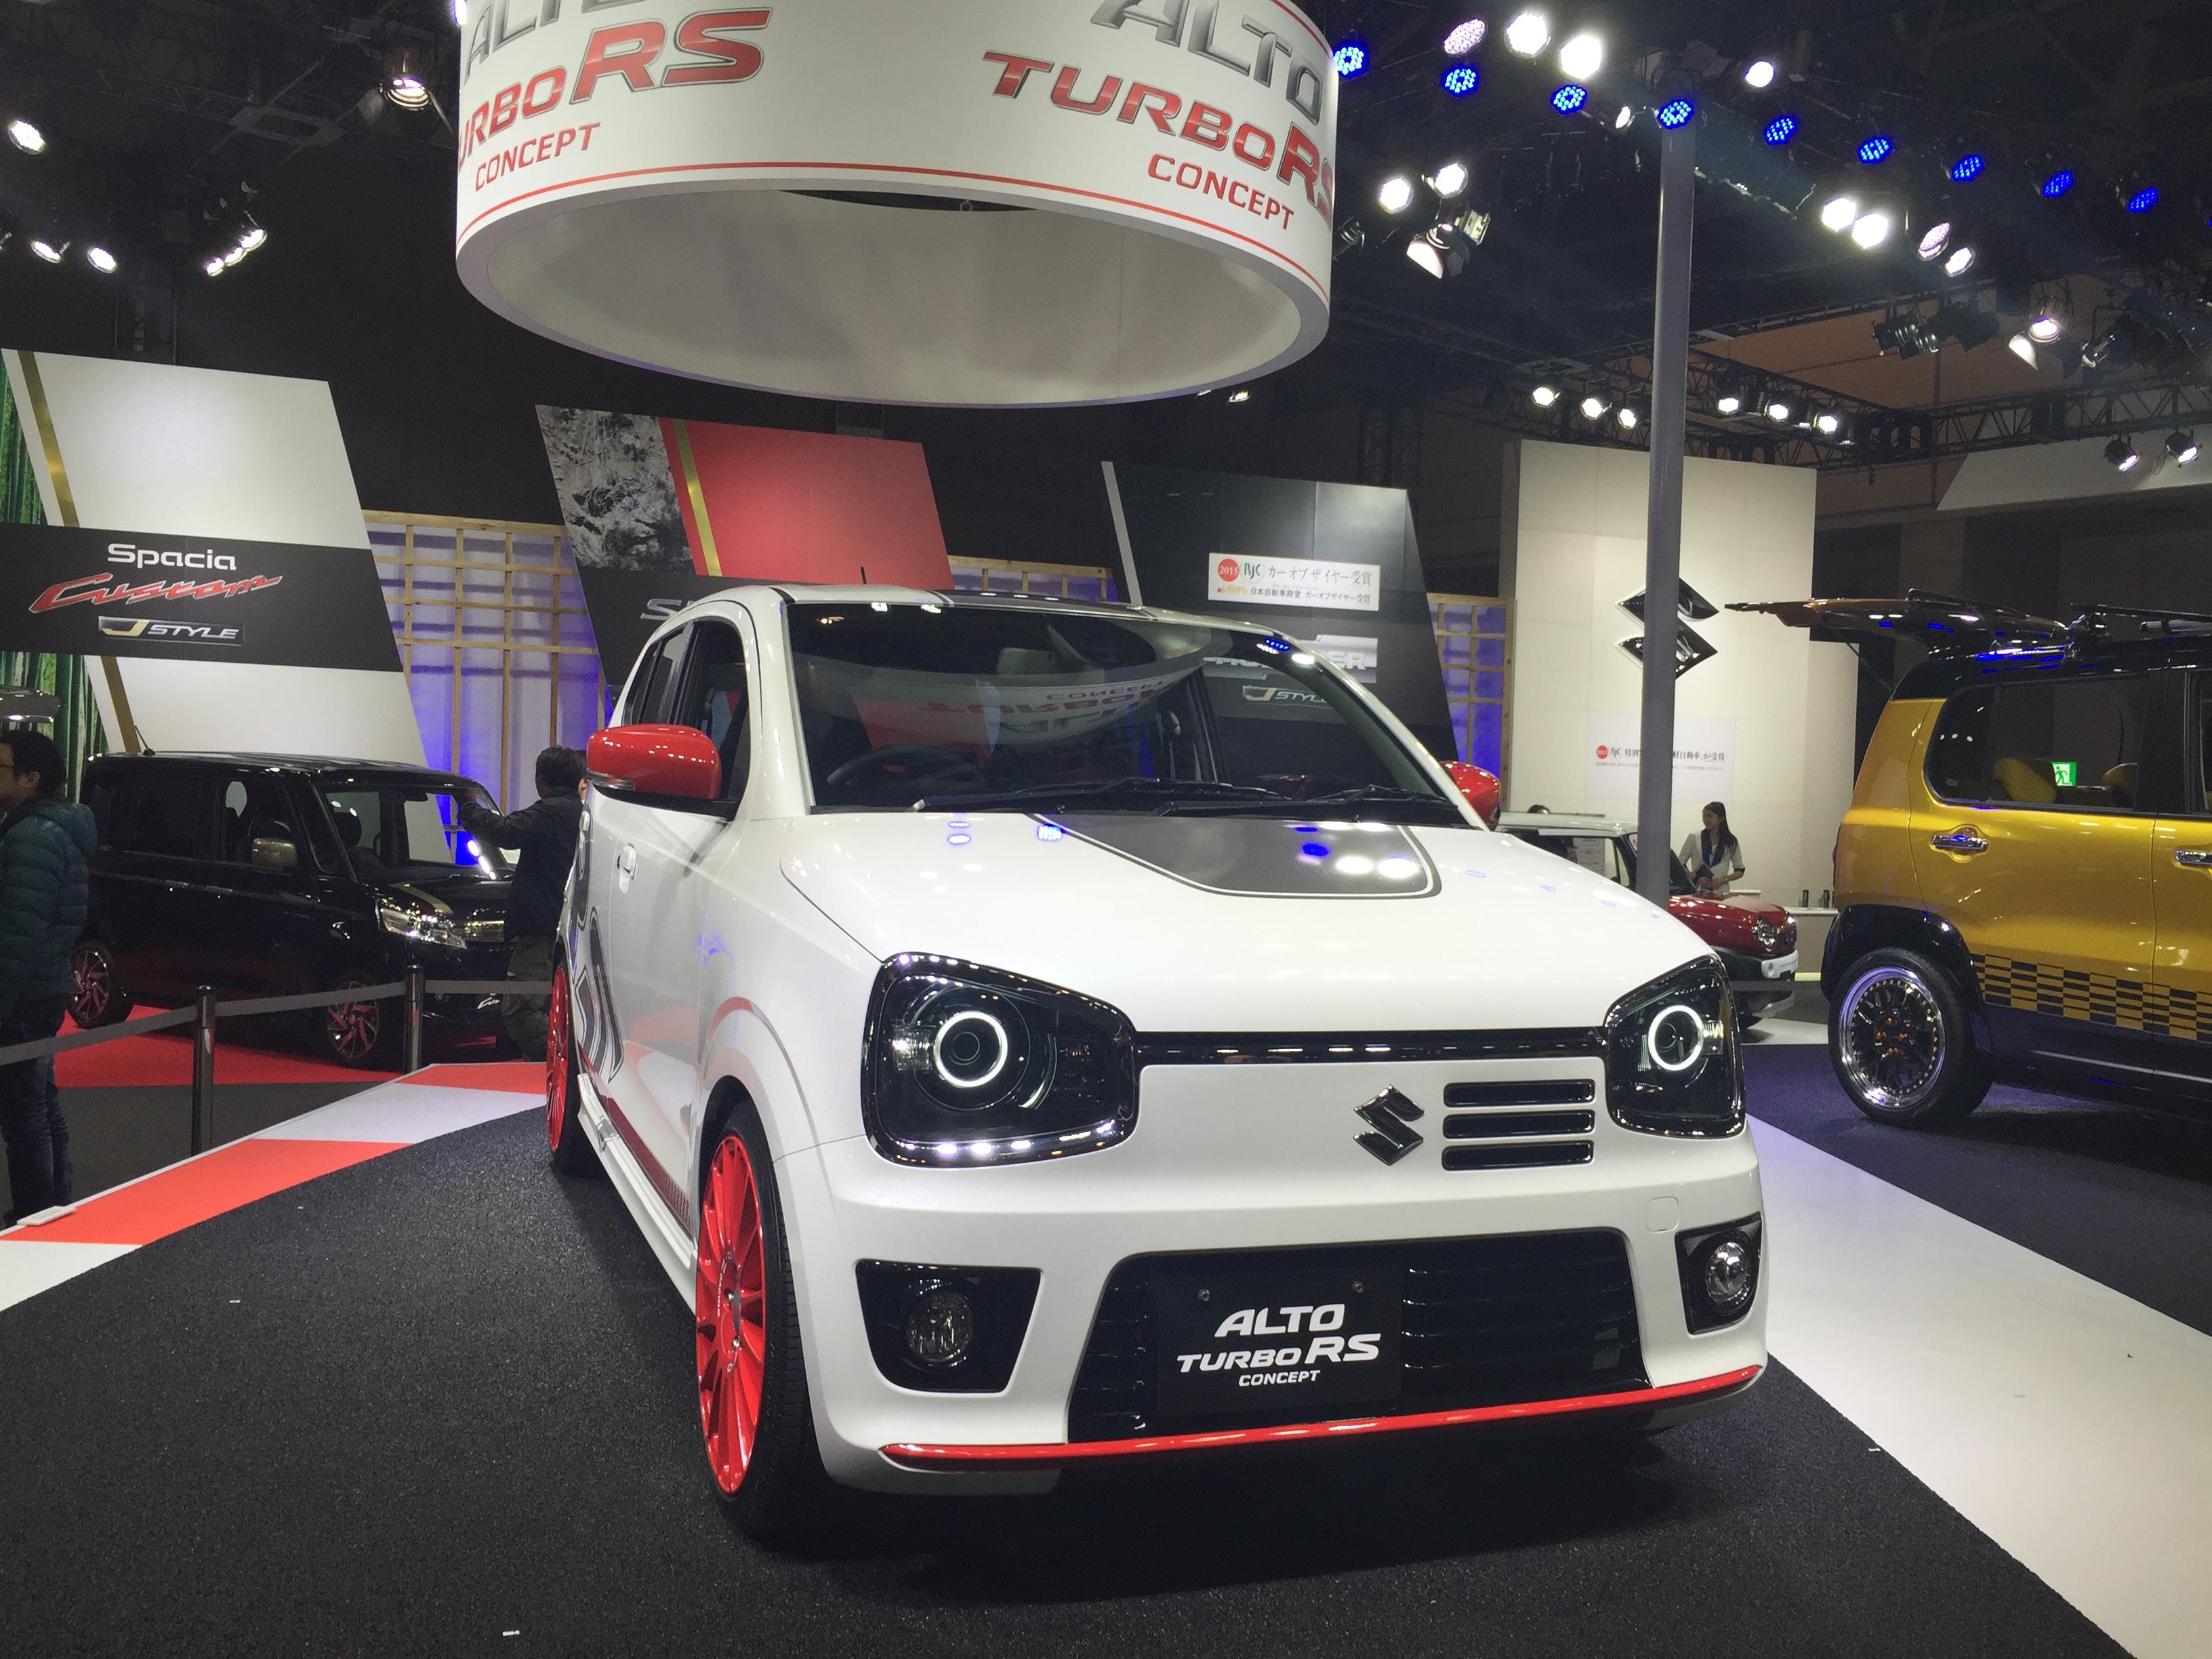 Description suzuki alto turbo rs concept front right 2015 tokyo auto - File Suzuki Alto Turbo Rs Concept Front Tokyo Auto Salon 2015 Jpg